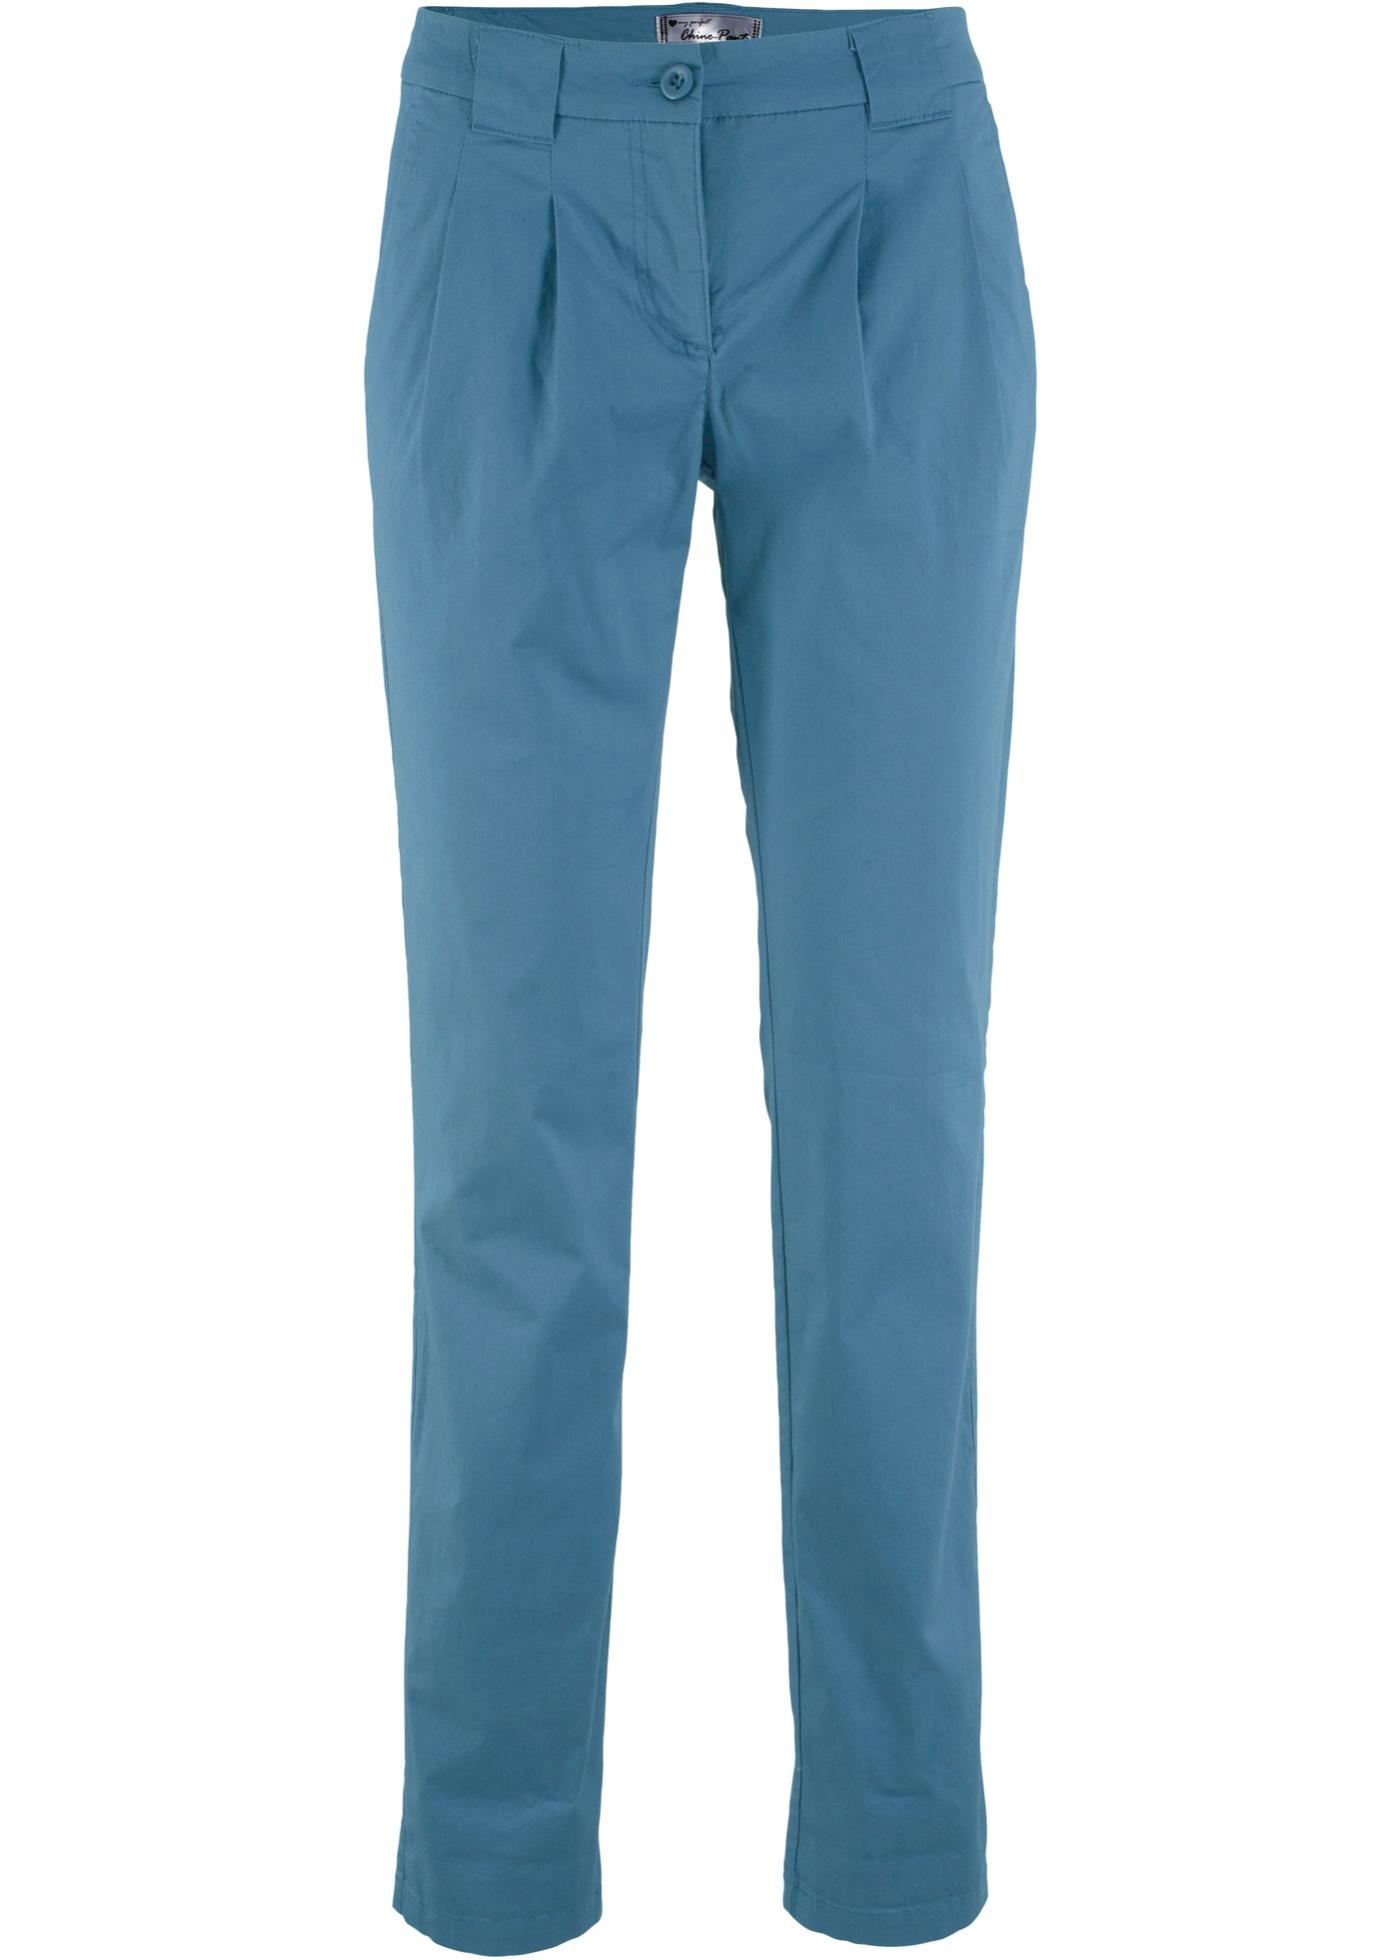 A426 BPC Spodnie chino ze stretchem r.38 p:82-86